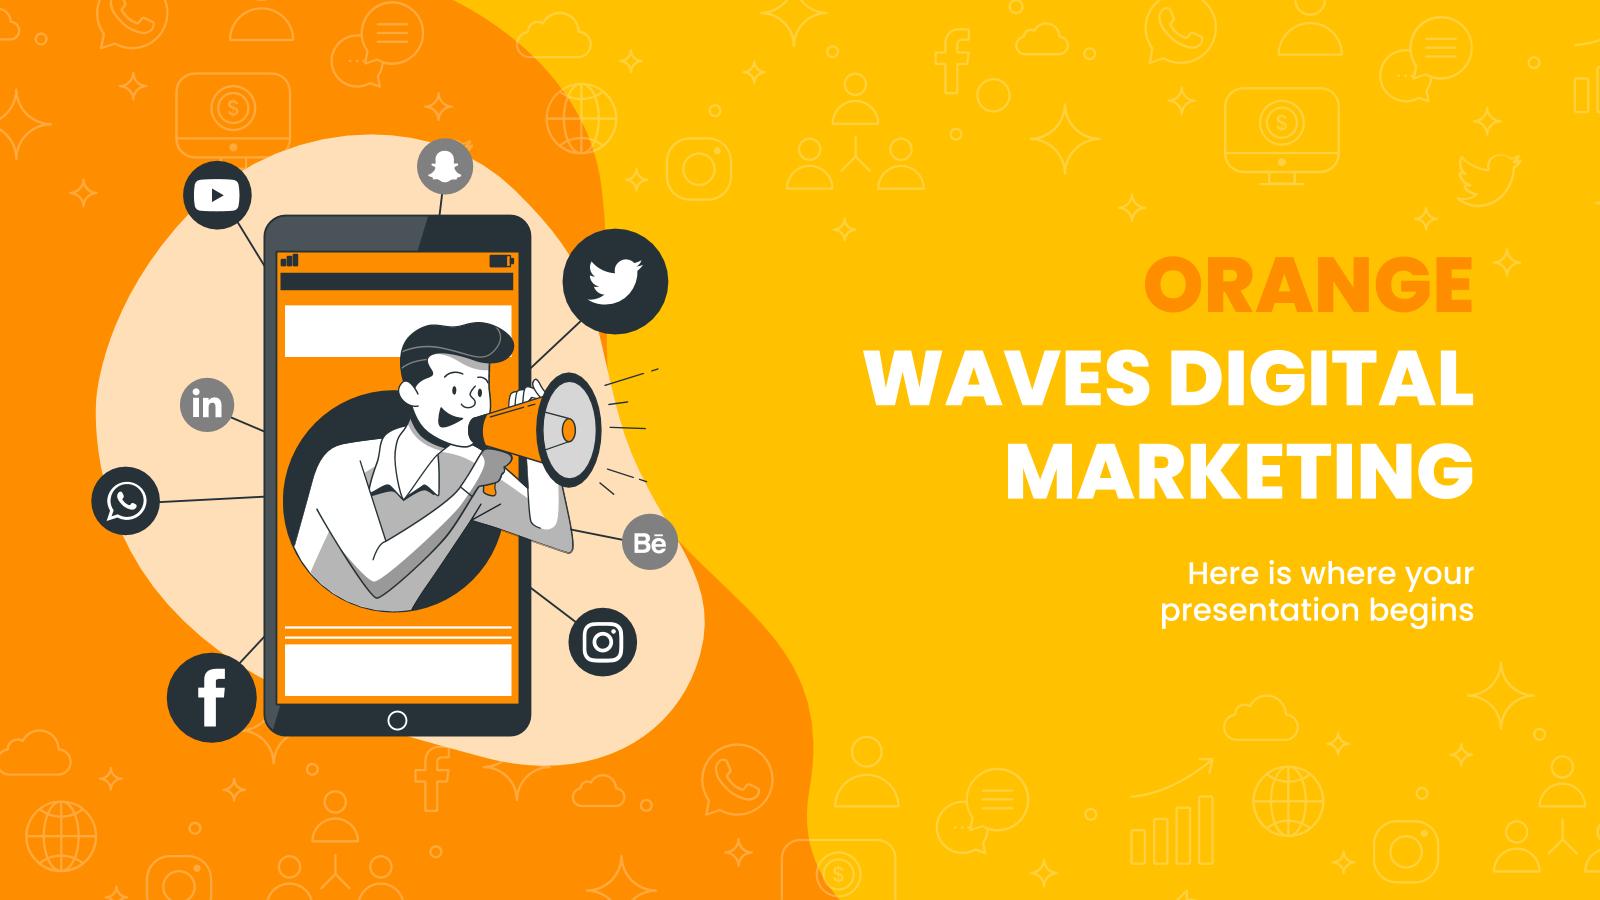 Plantilla de presentación Marketing digital con ondas naranjas